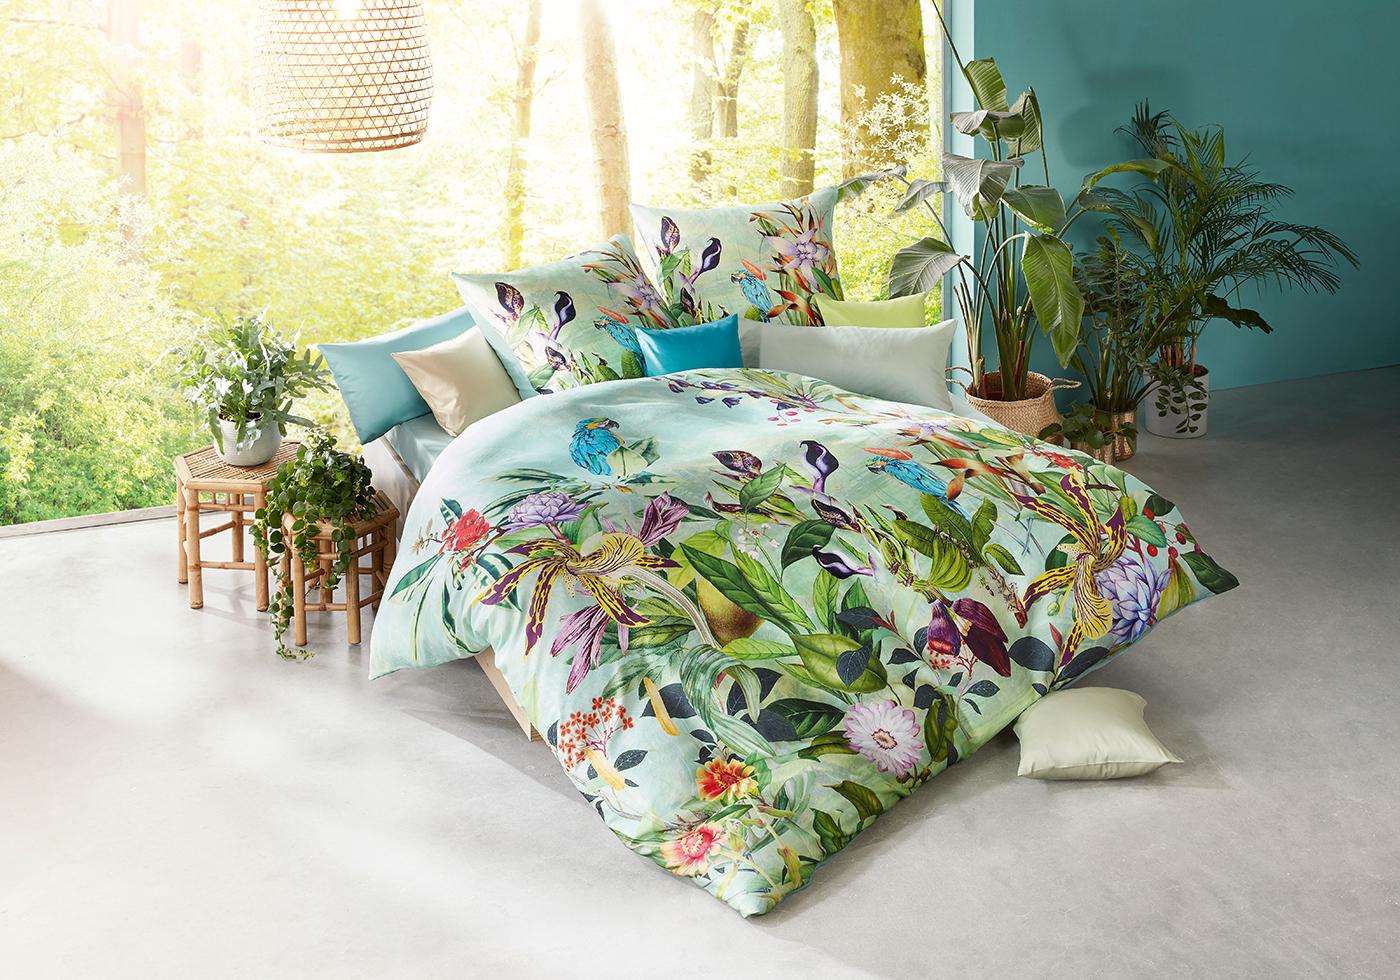 Grüne Satin Bettwäsche im exotischen Look